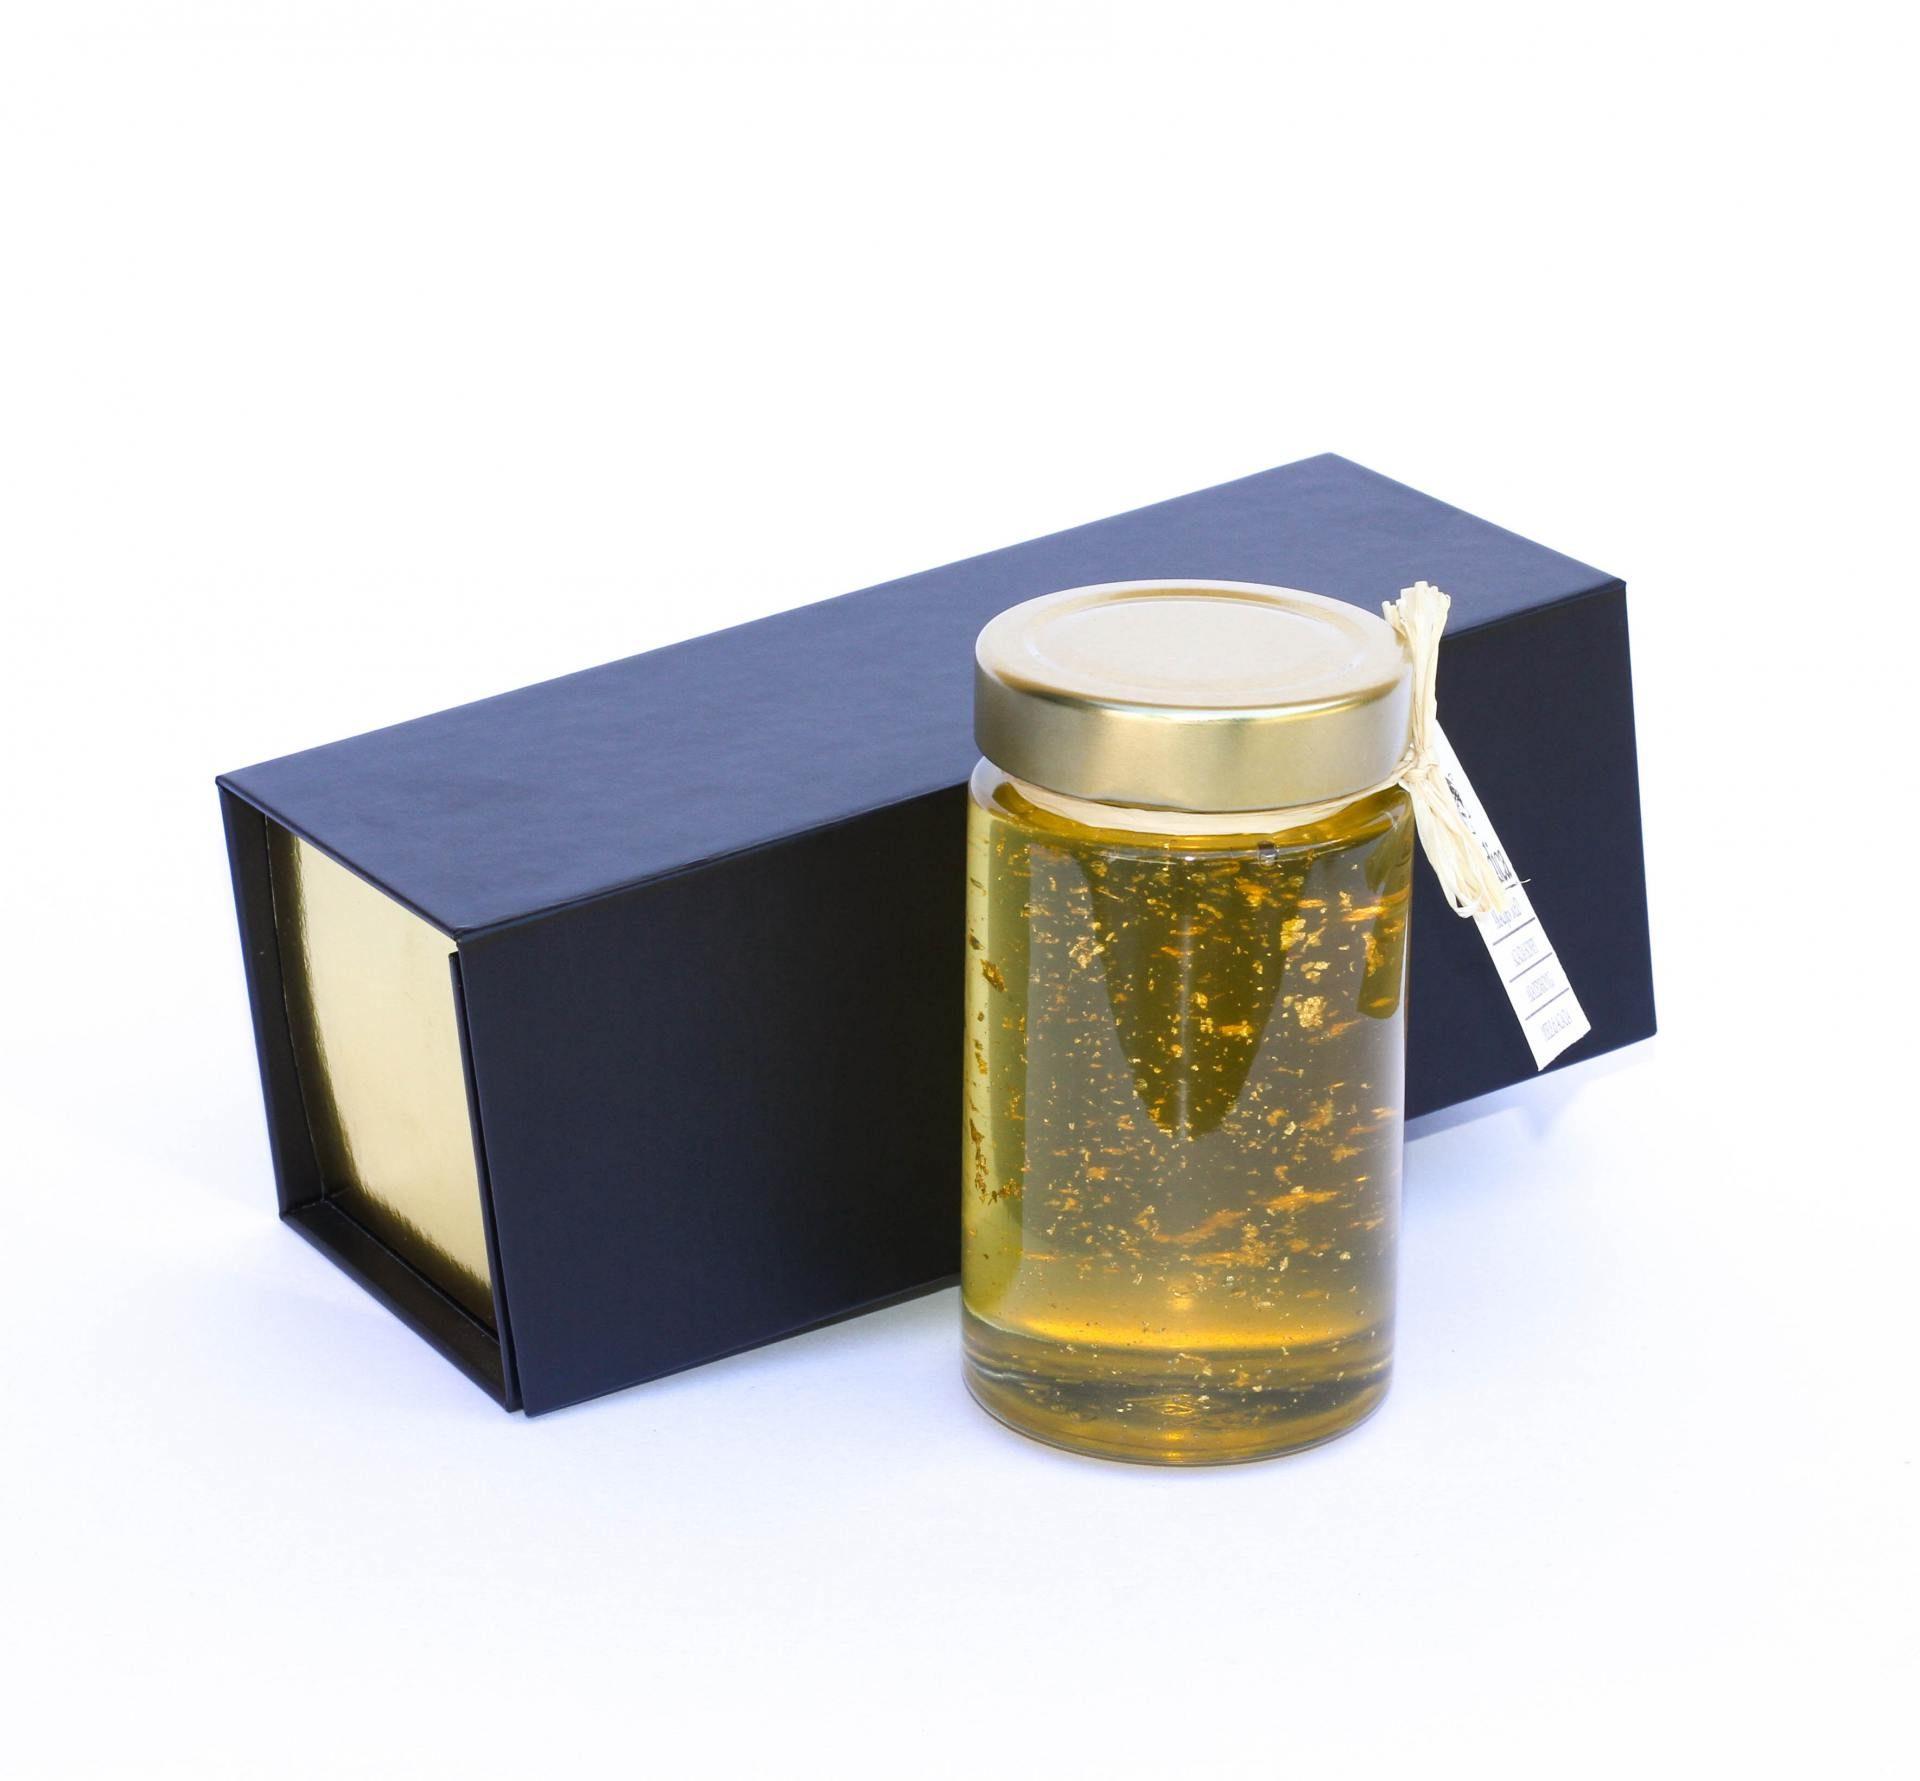 Med in žganje, med z dodatki, darilni seti v lični embalaži fermedica IMG_2179